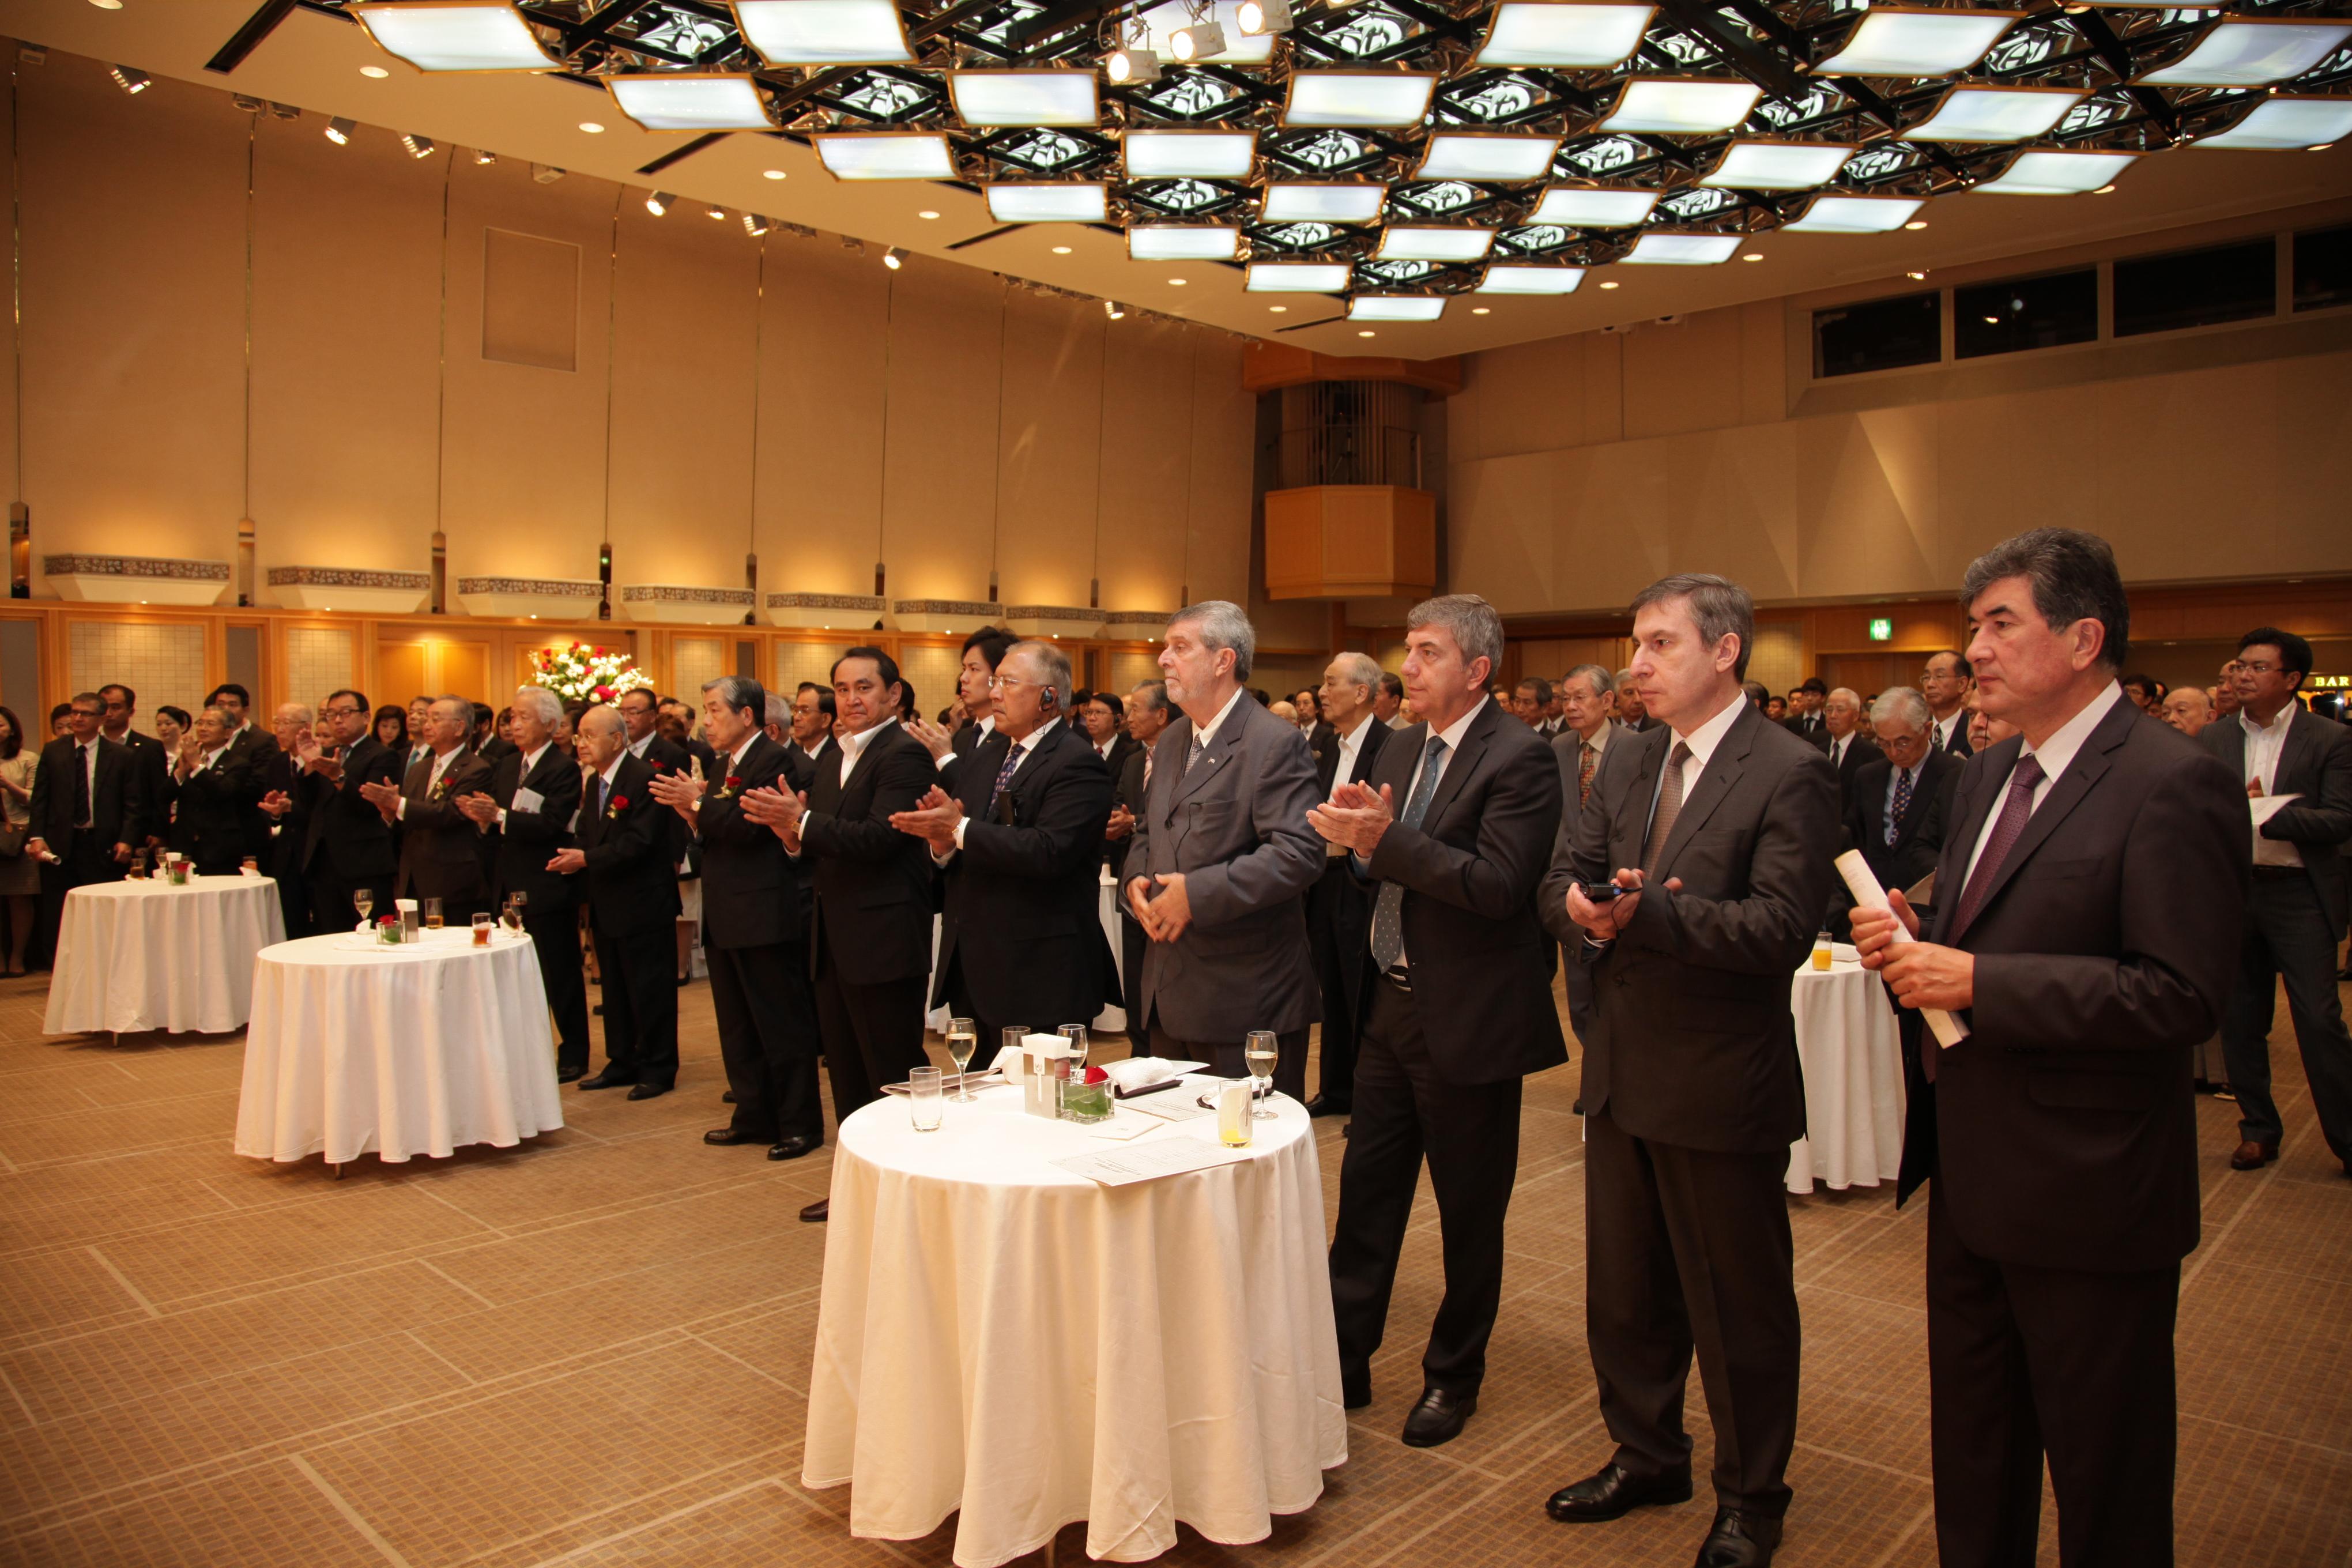 FEC創立30周年記念式典・レセプション会場の様子